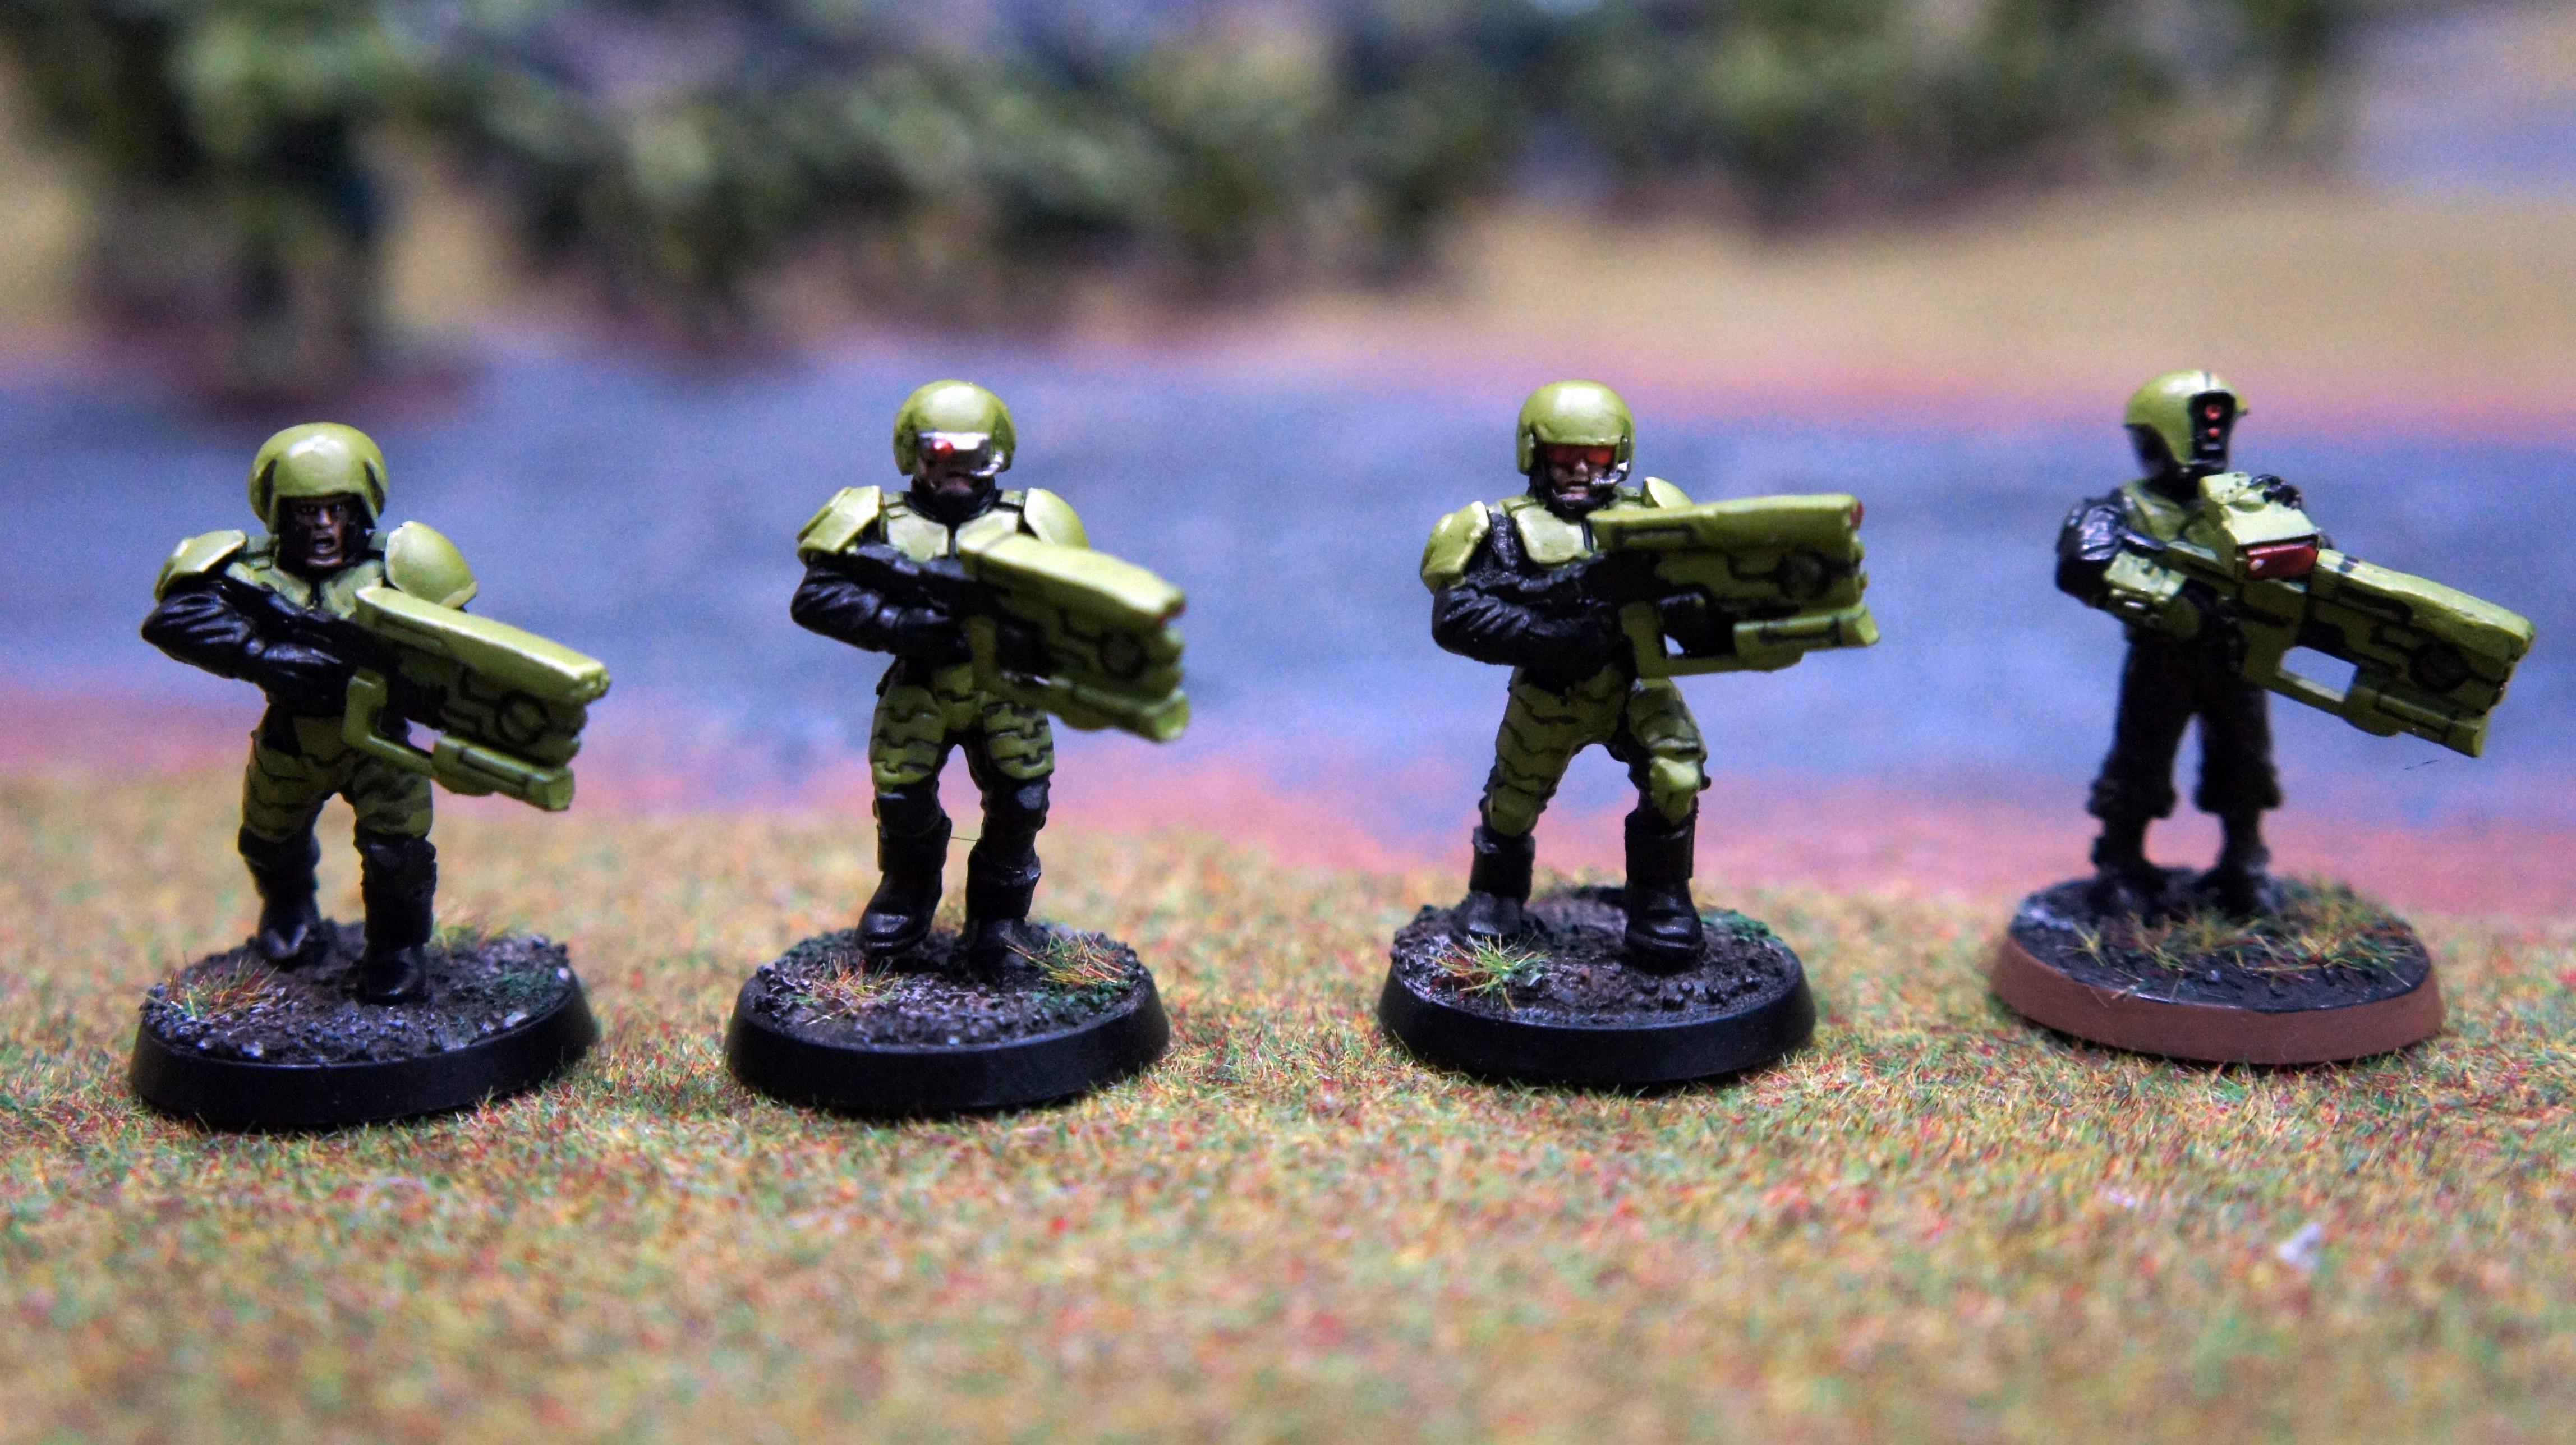 Auxillery Pathfinder, Gue%27vesa, Gue'vesa, Human Auxilleries, Human Pathfinders, Pathfinders, Tau